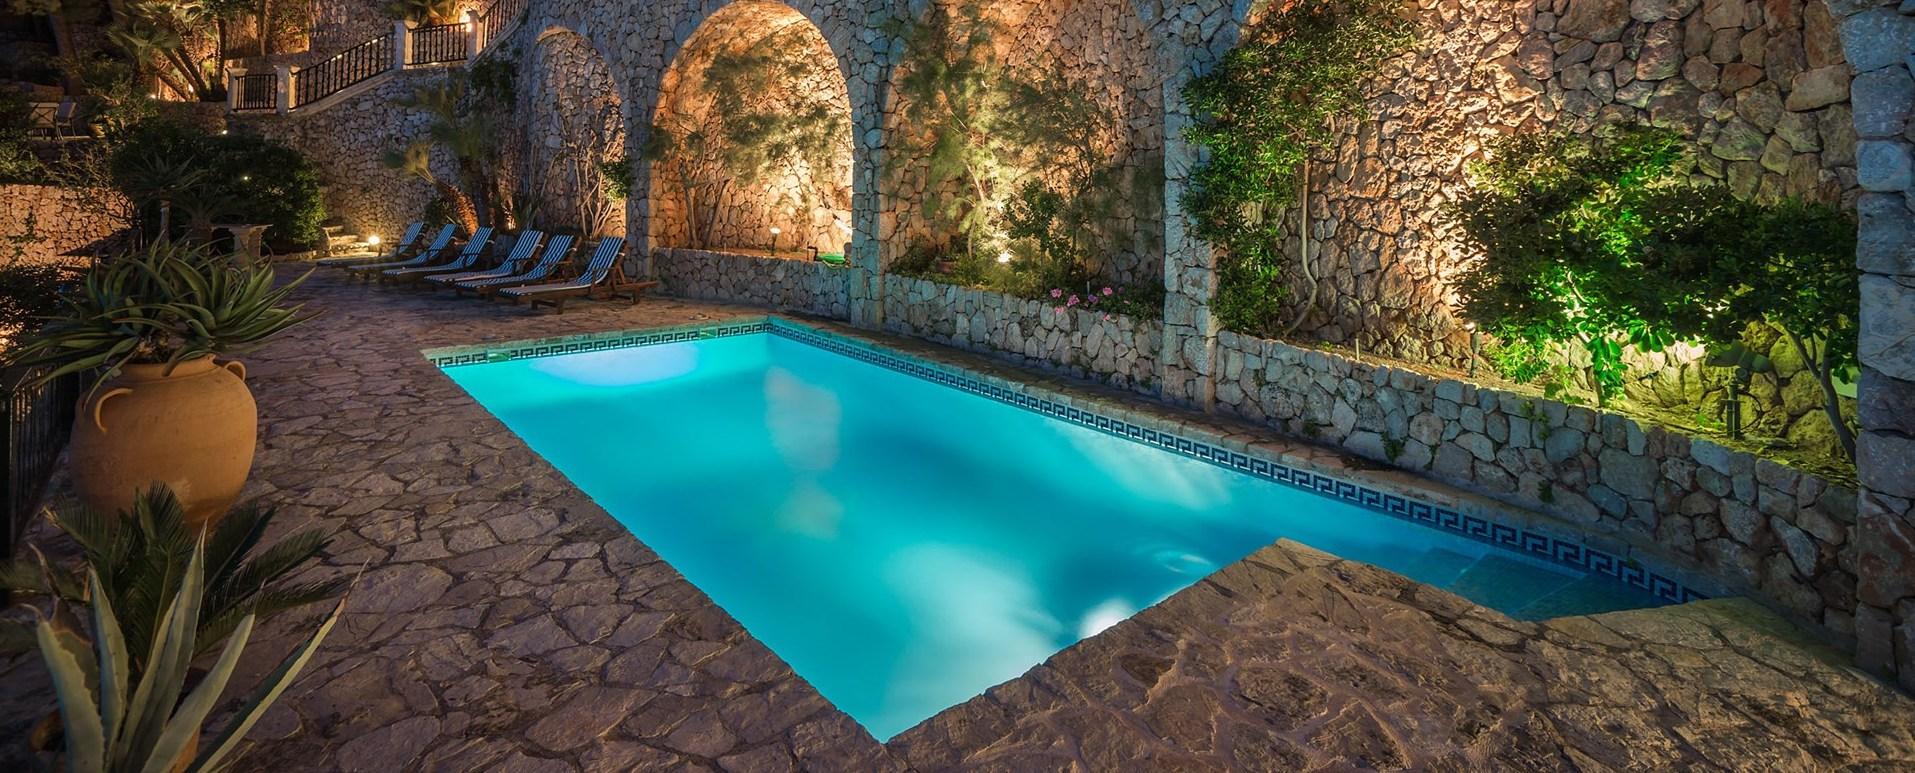 el-mirador-pool-at-night